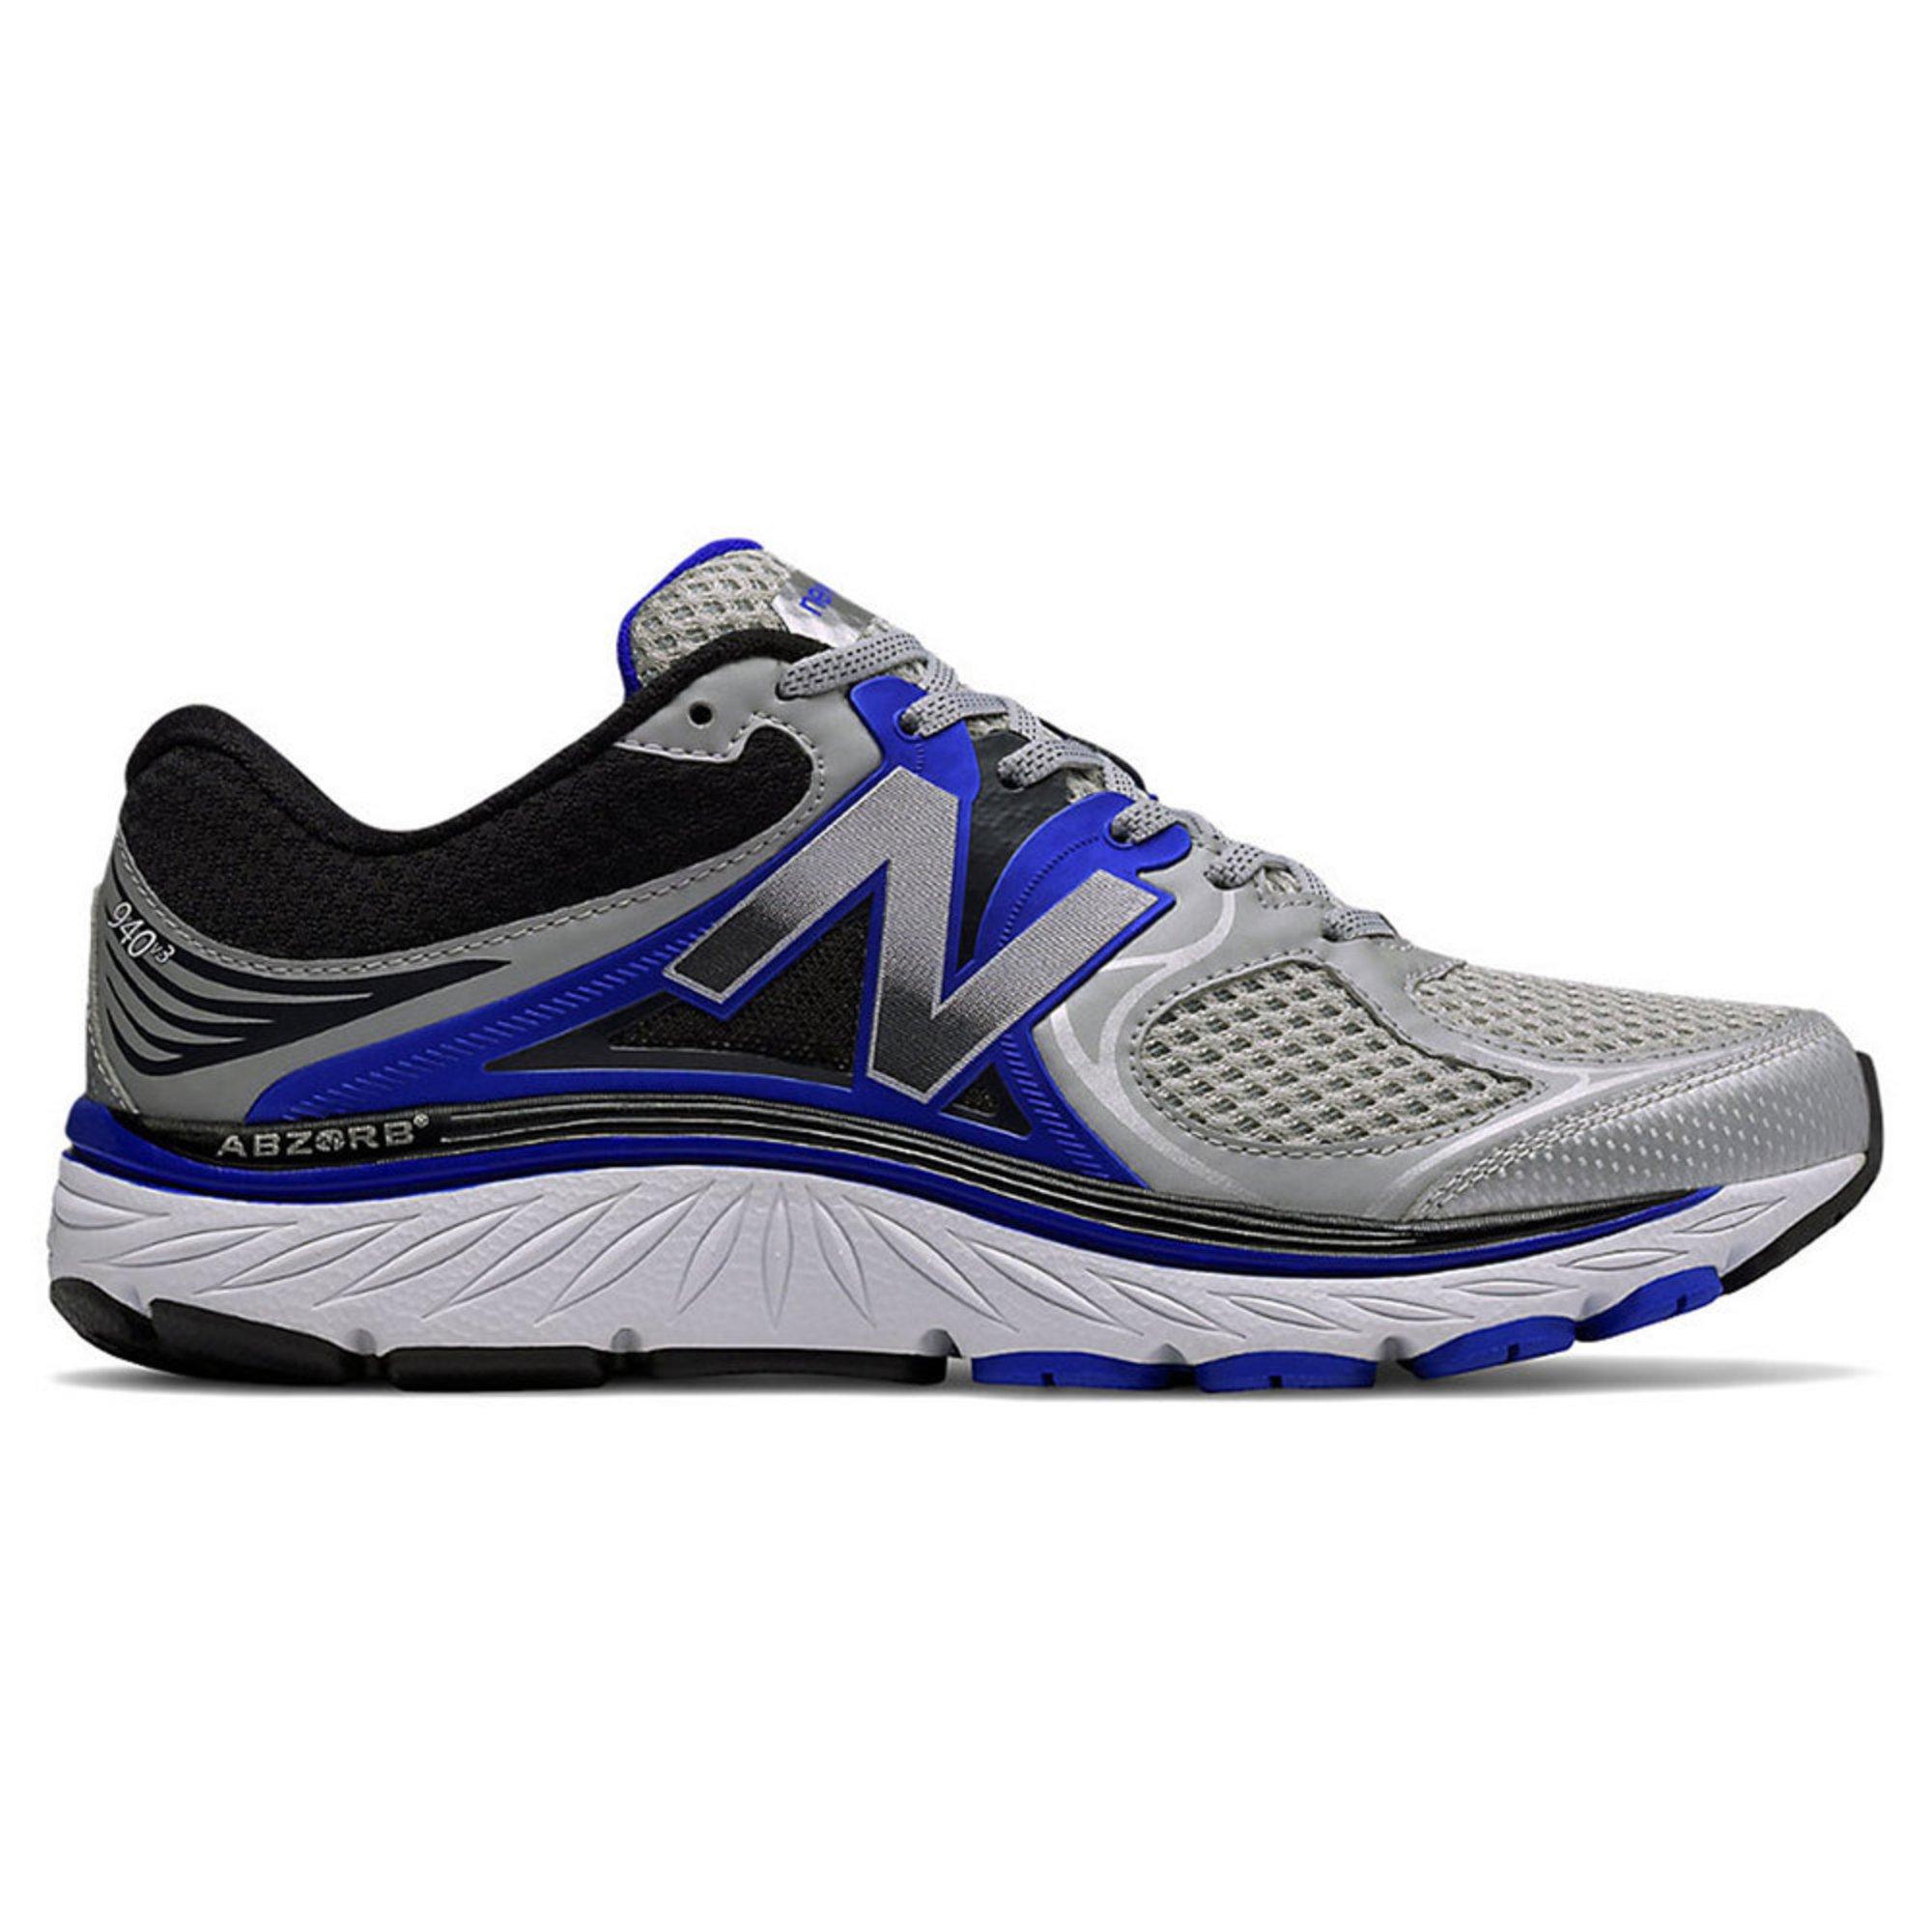 e14b984e4c7ab New Balance Men's 940v3 Running Shoe | Men's Running Shoes | Fitness ...